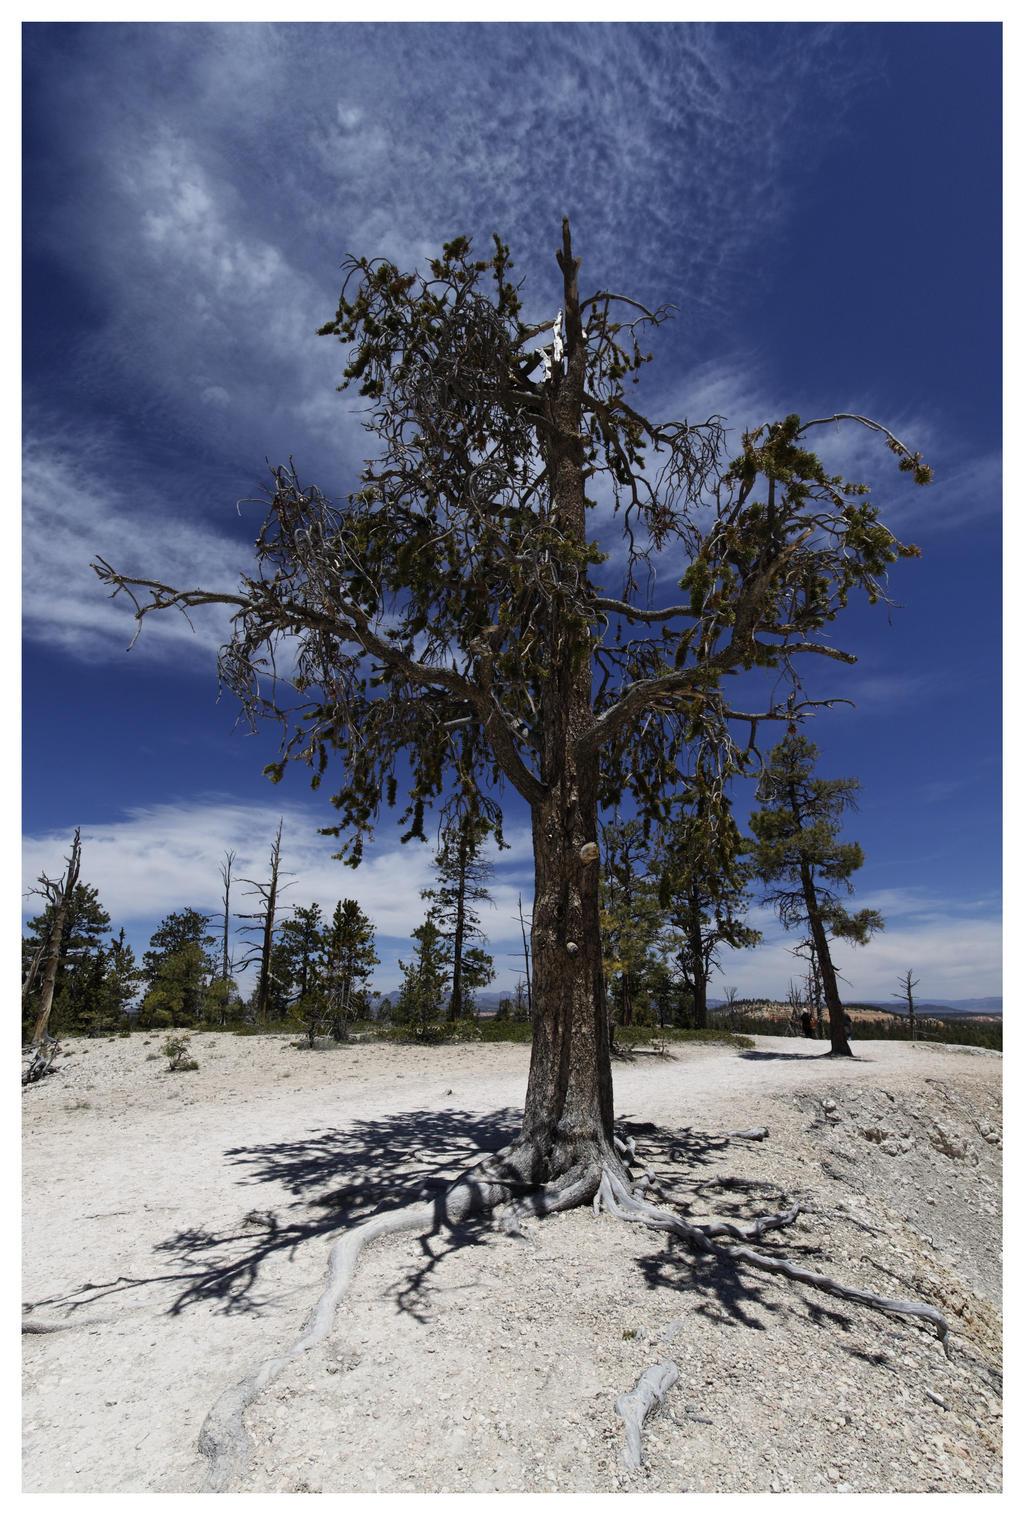 Bryce Tree by Oaken-shield